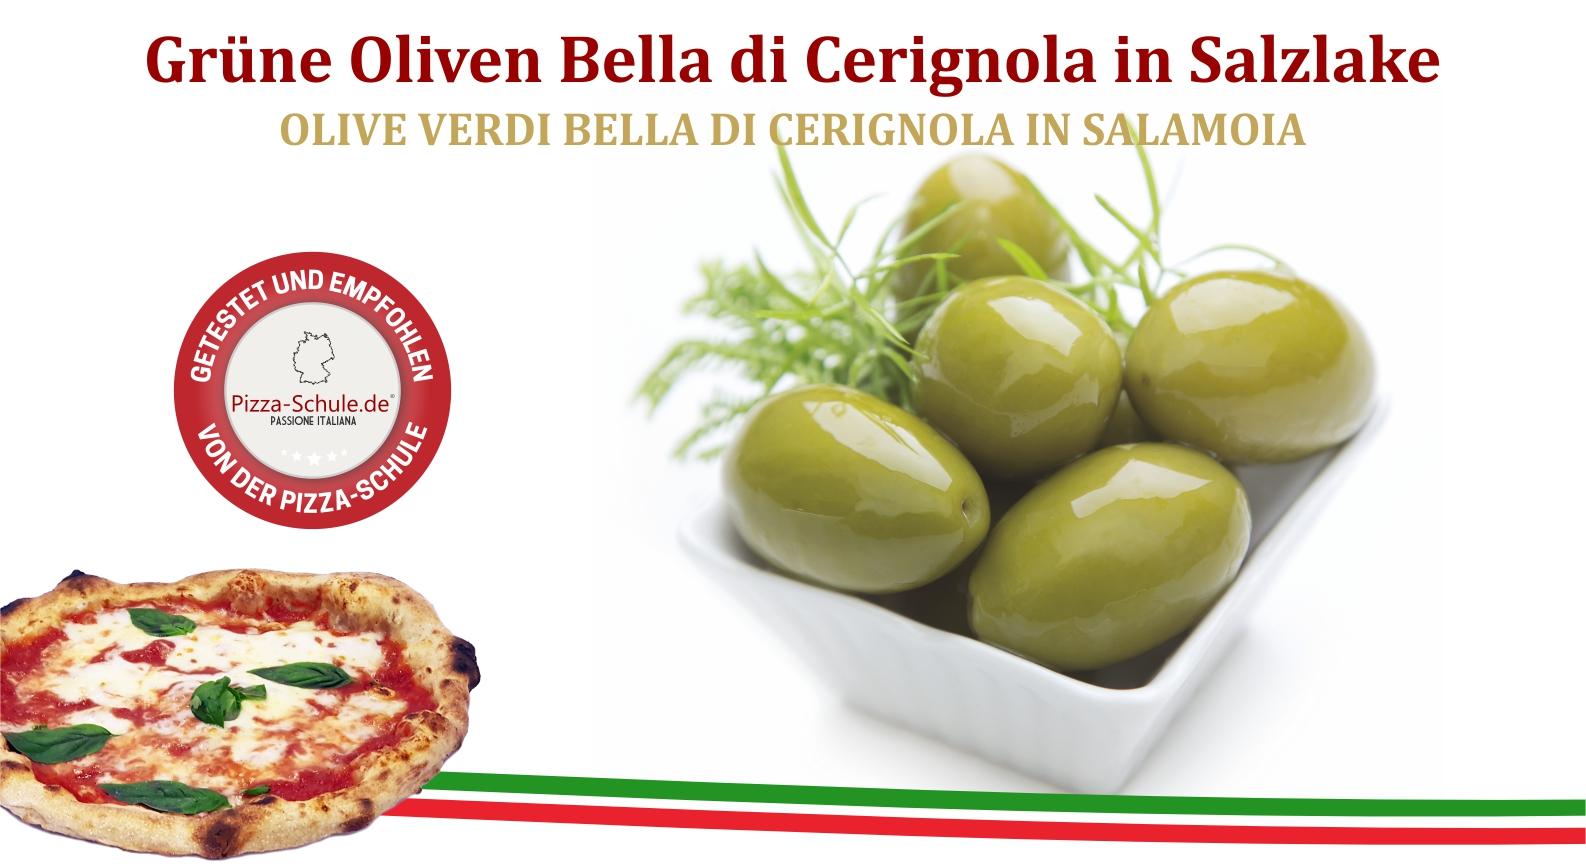 Grüne Oliven Bella di Cerignola in Salzlake